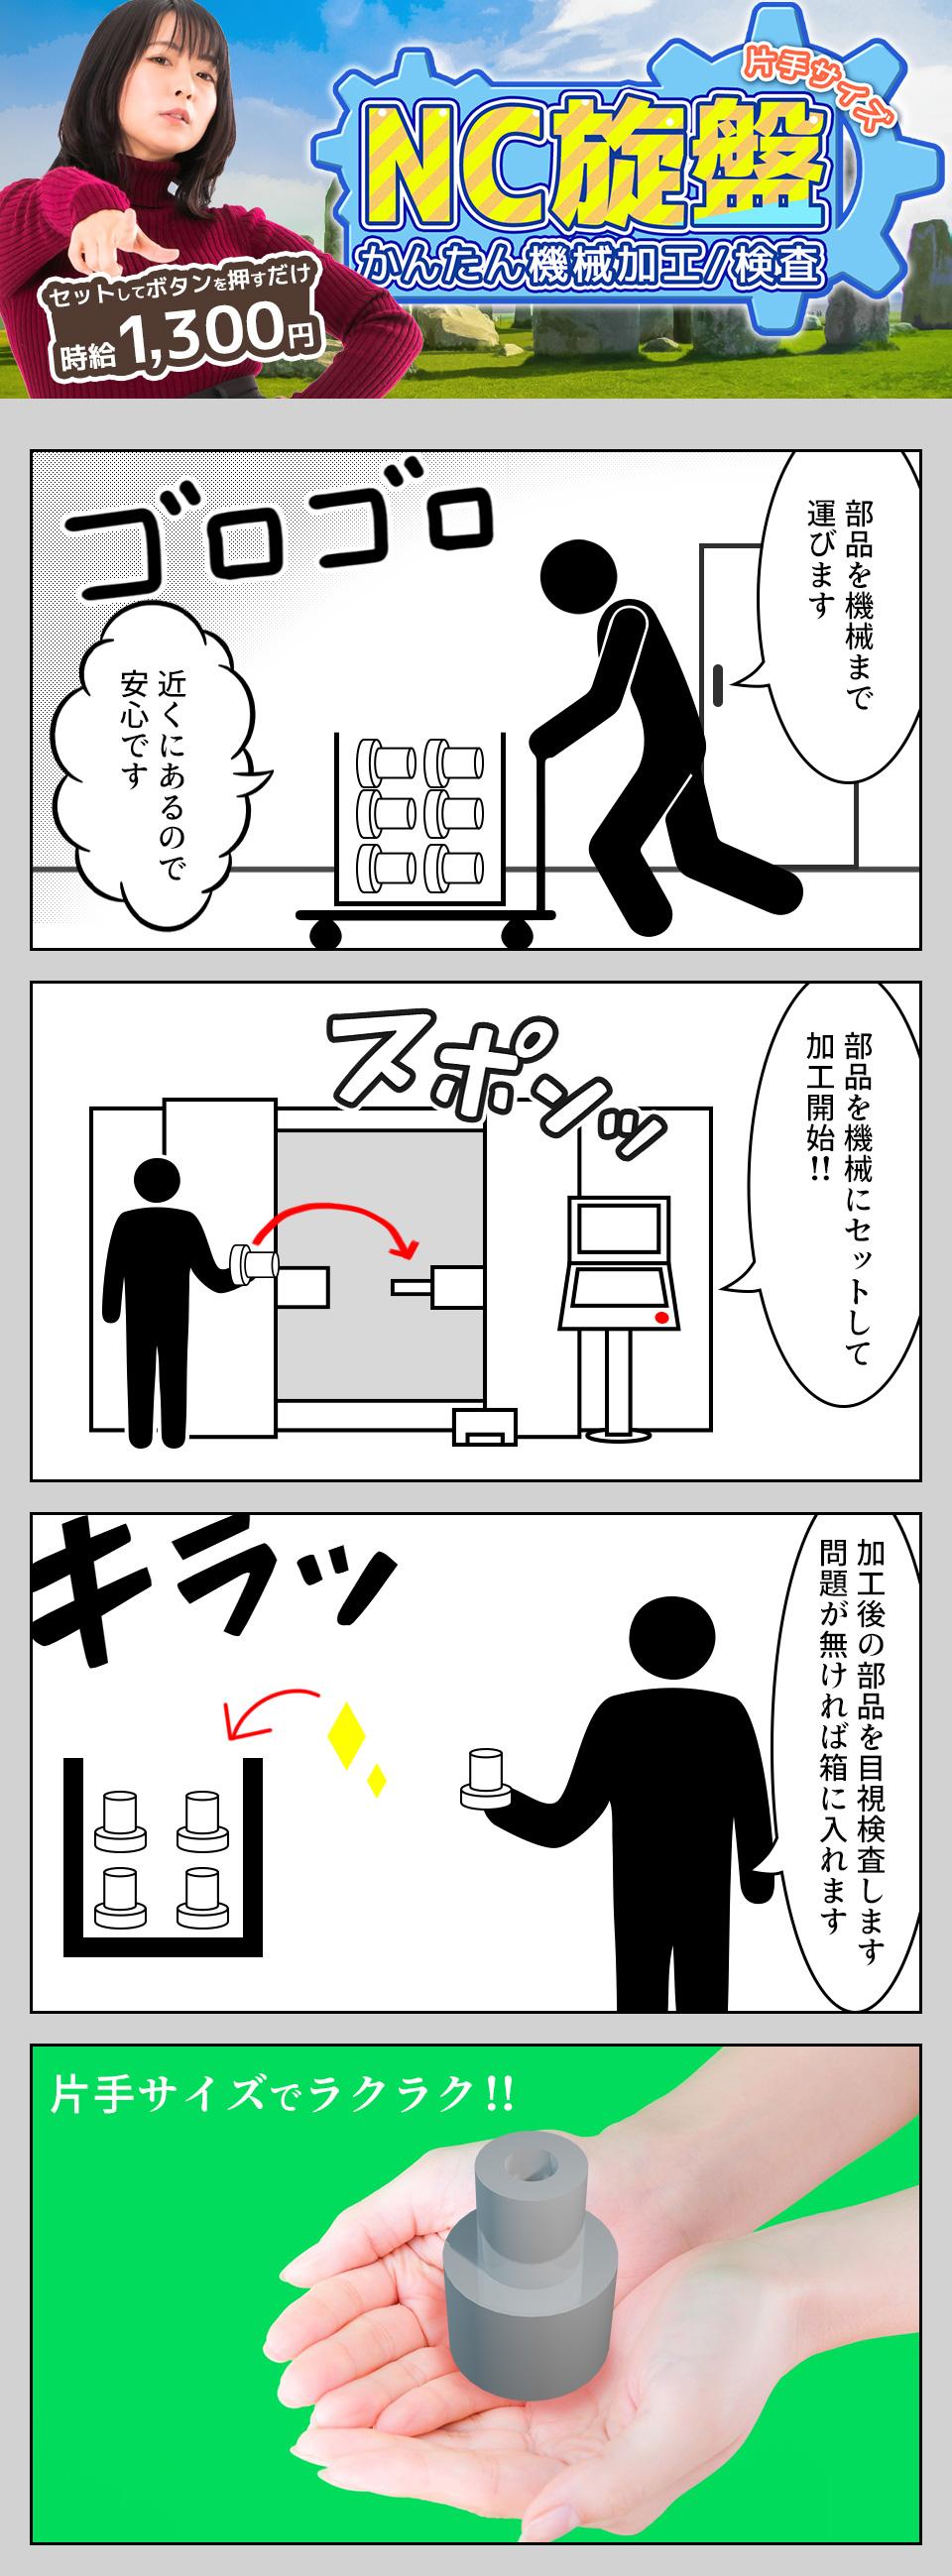 部品加工の機械オペレーター 愛知県豊川市の派遣社員求人